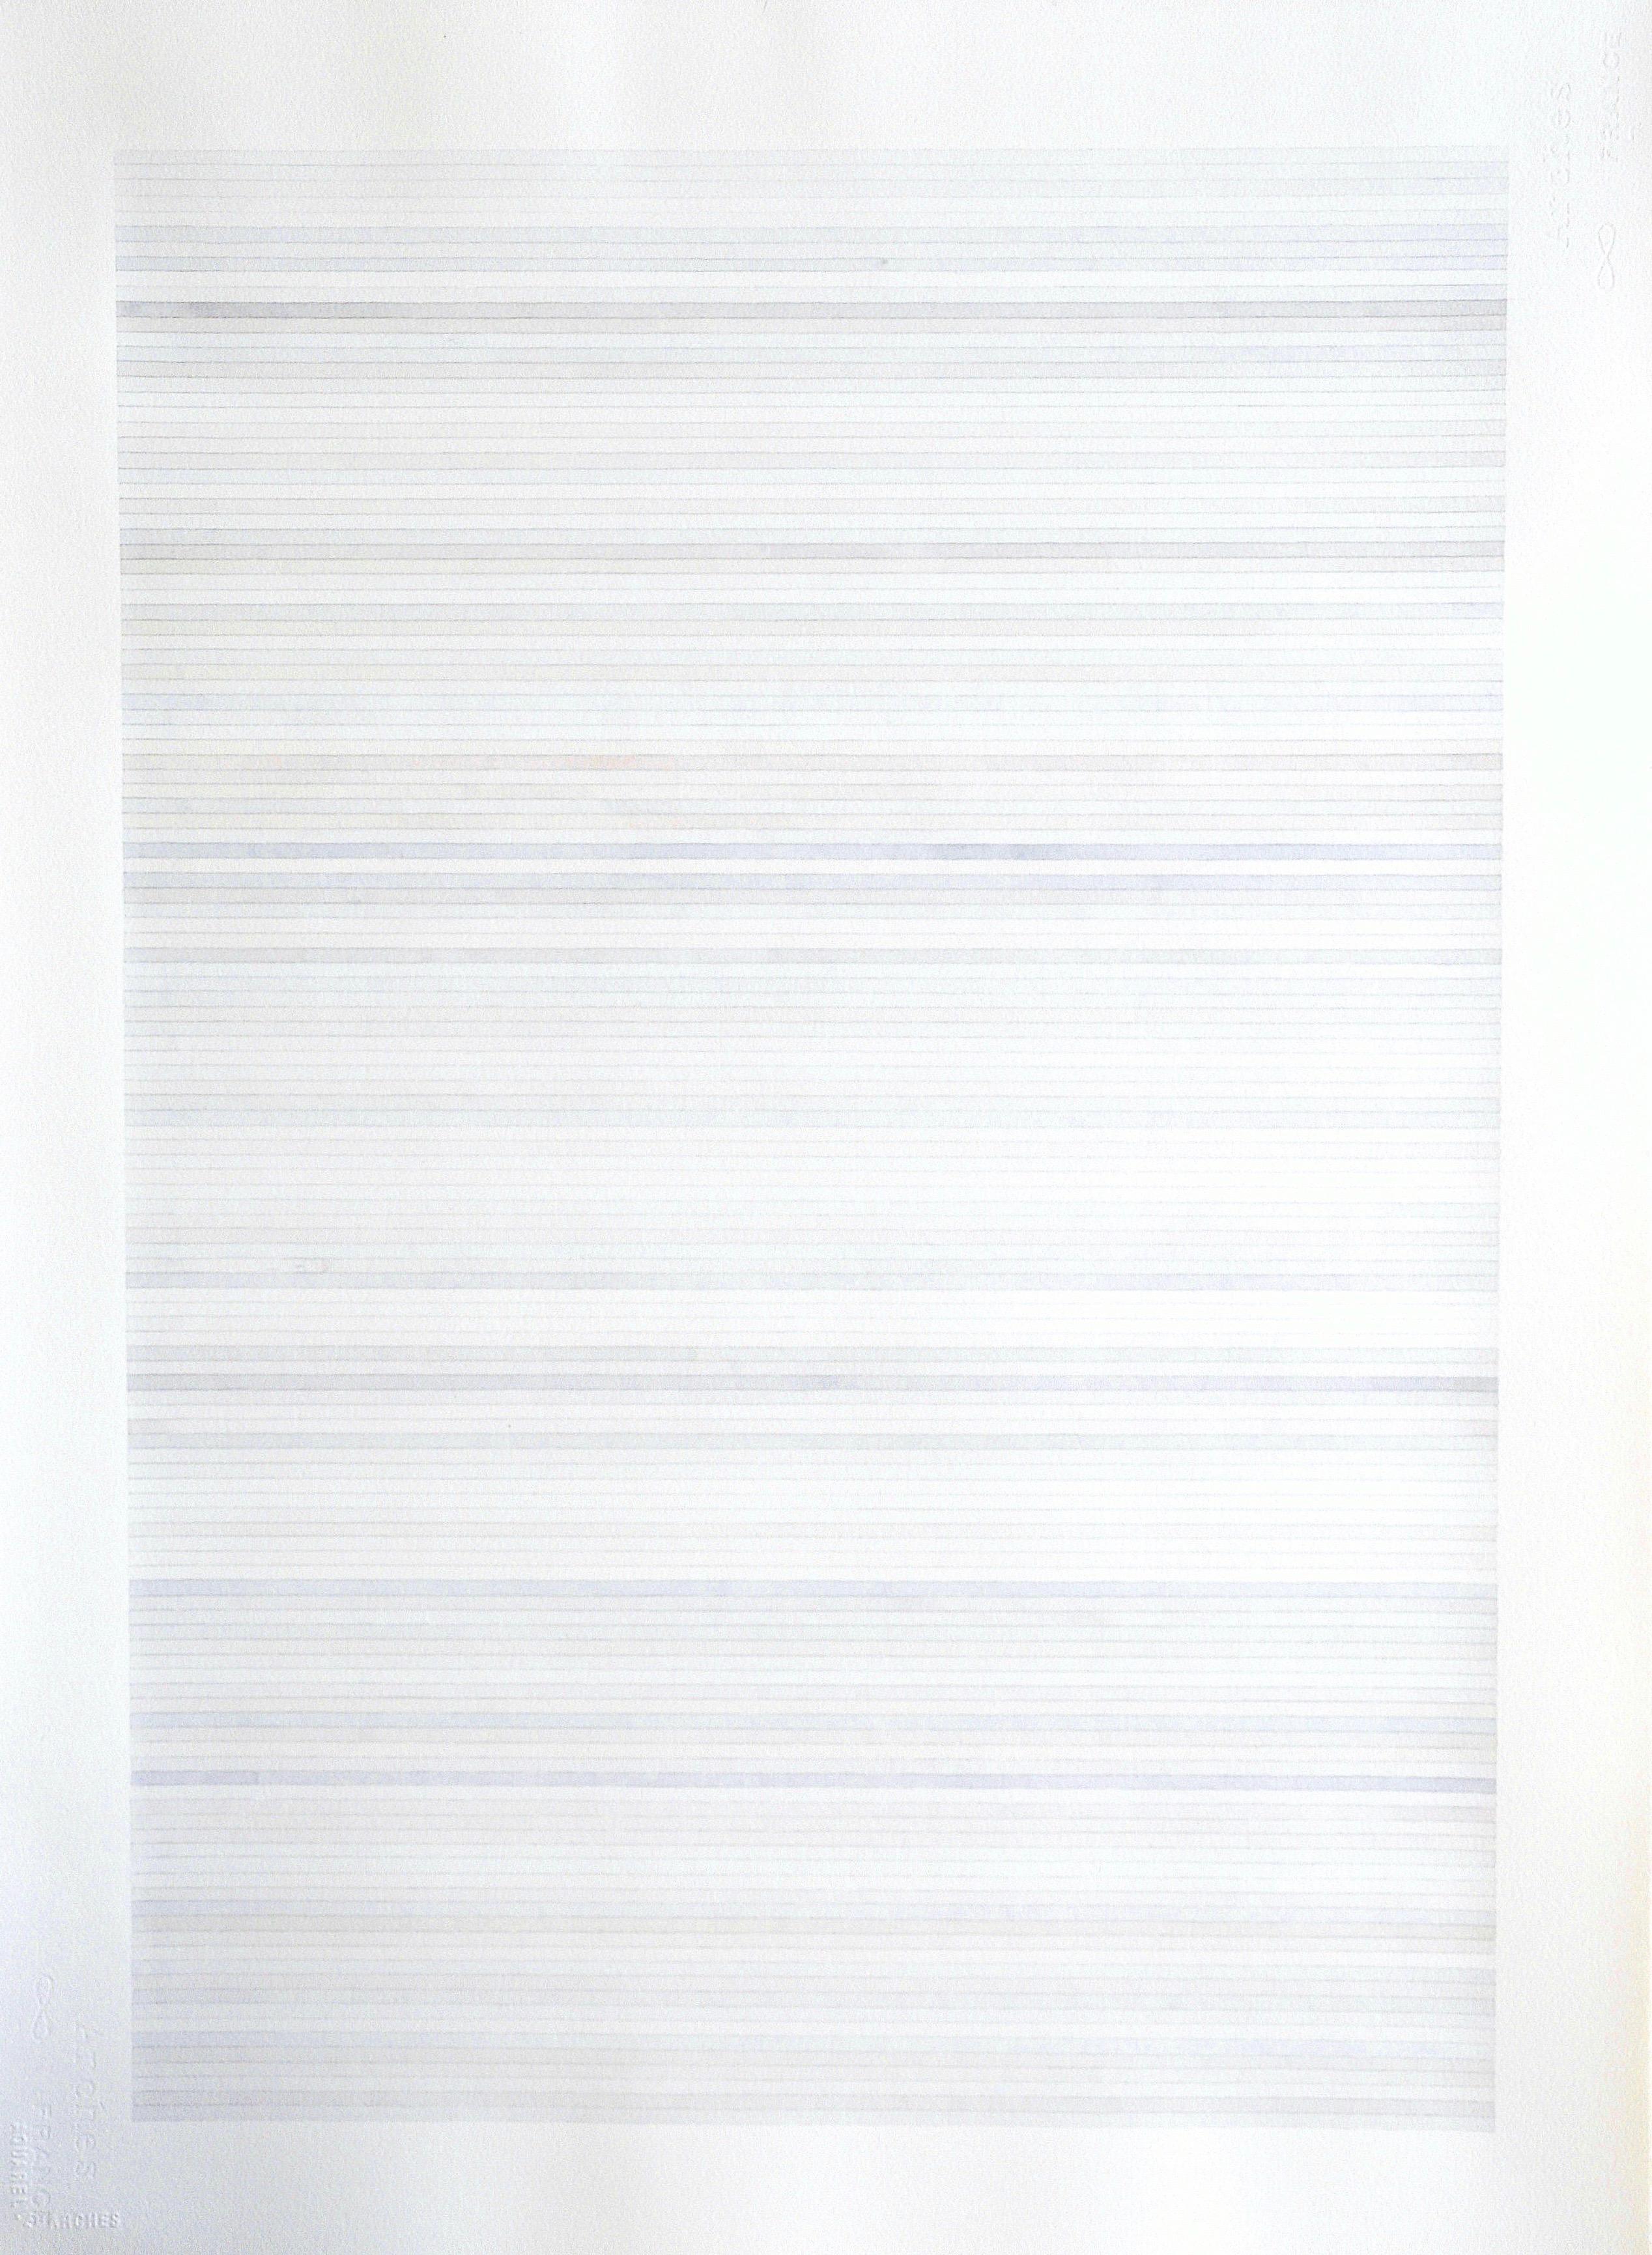 Sans titre, lignes grises